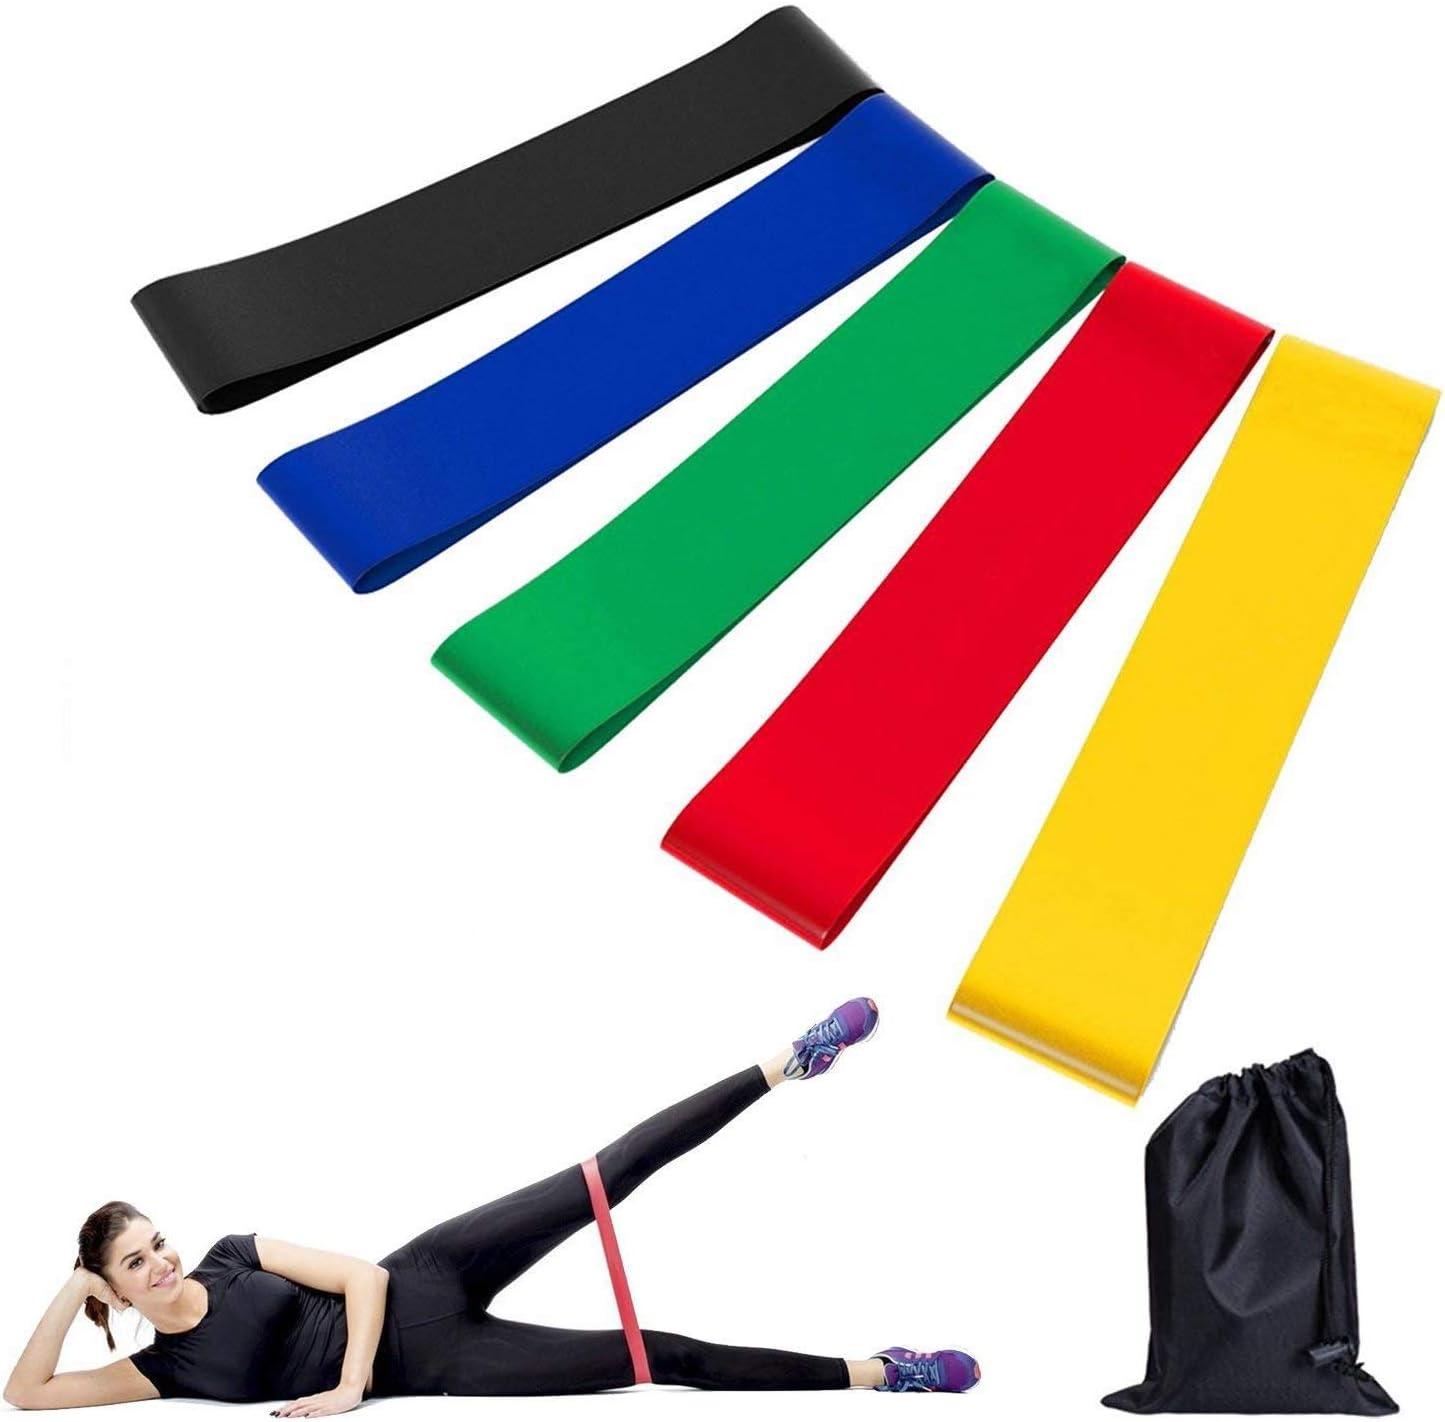 5 Bandas elasticas para hacer ejercicio de resistencia entrenar gym fitness